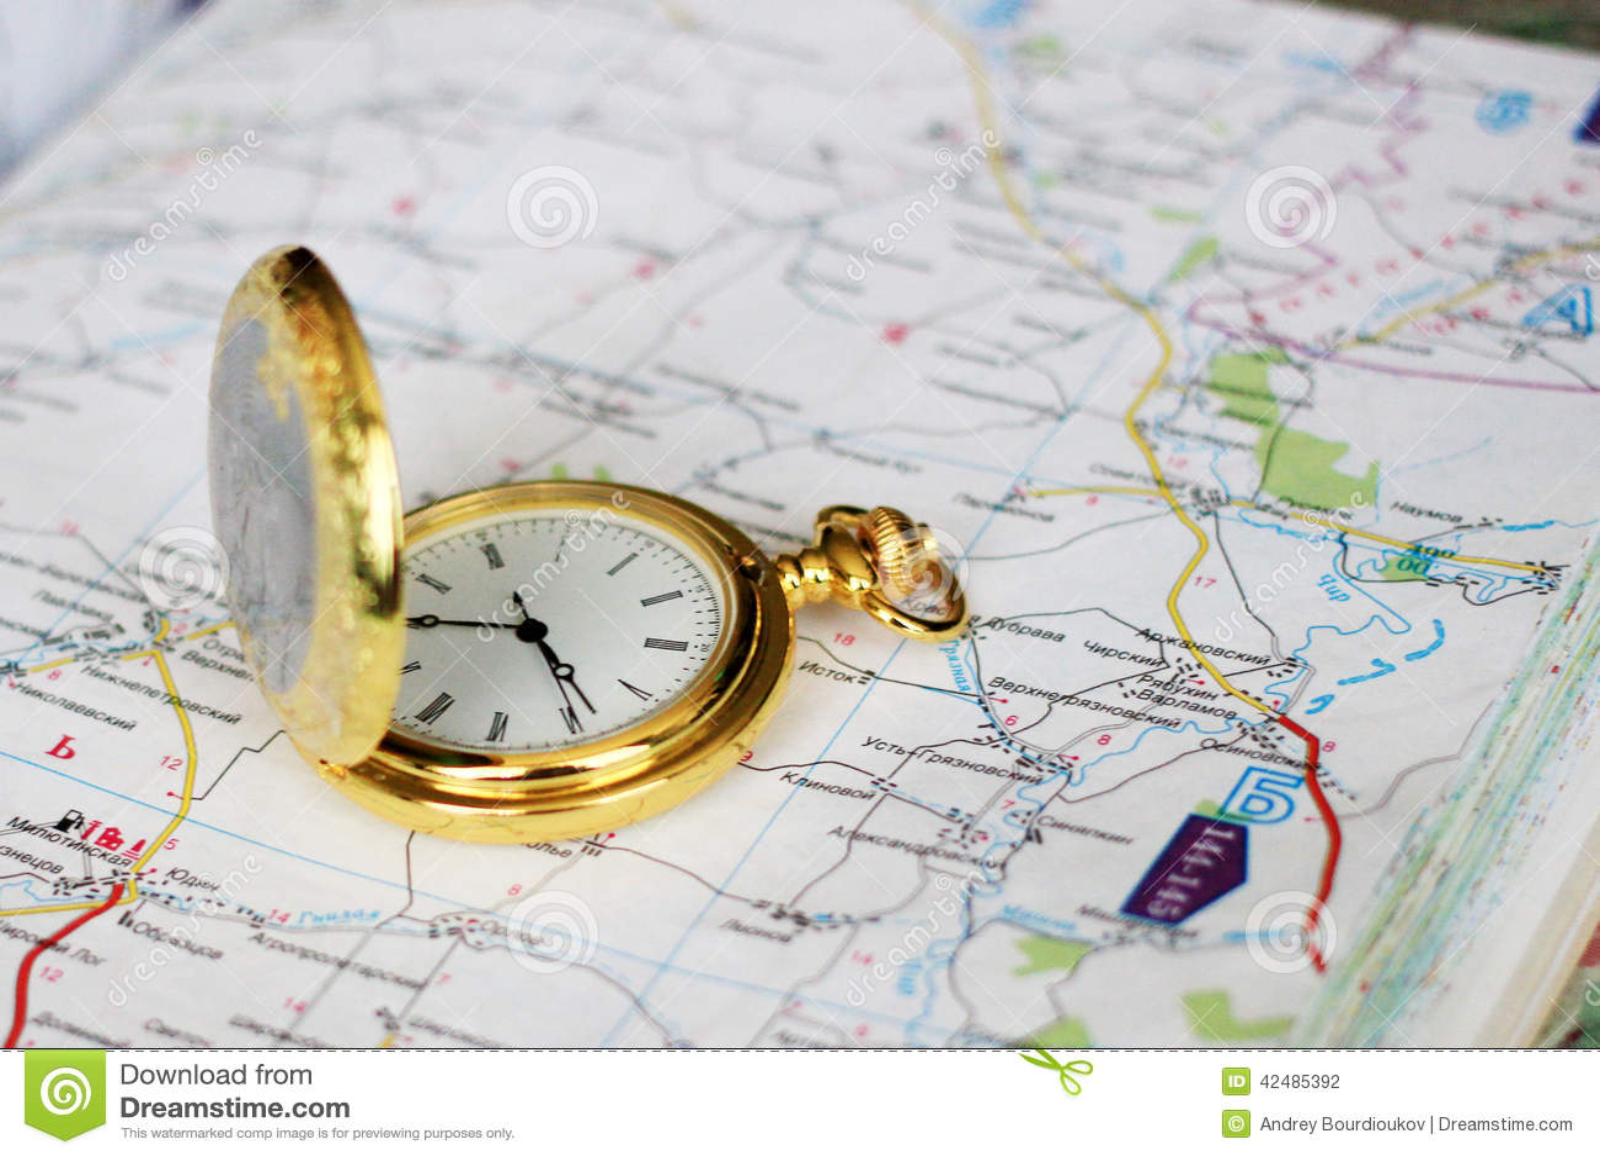 Alte Uhr Und Landkarte Stockfoto Bild Von Geographisch 42485392